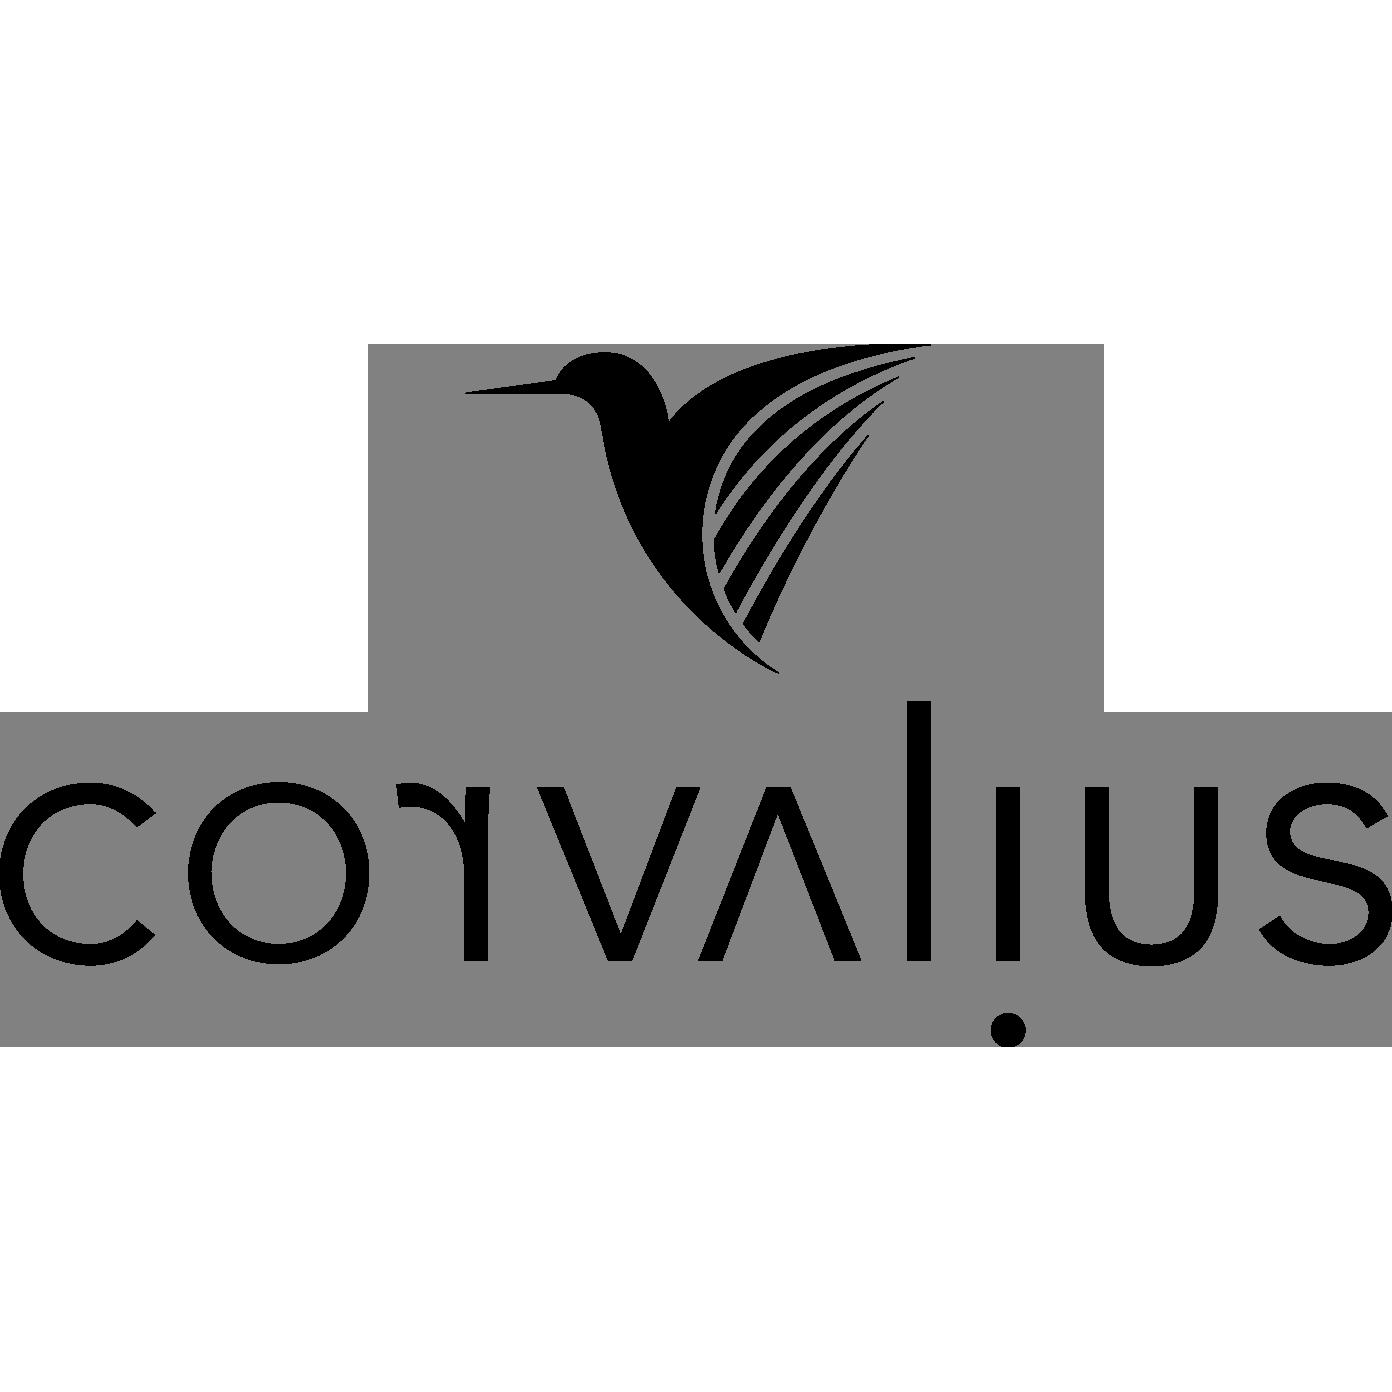 Corvalius